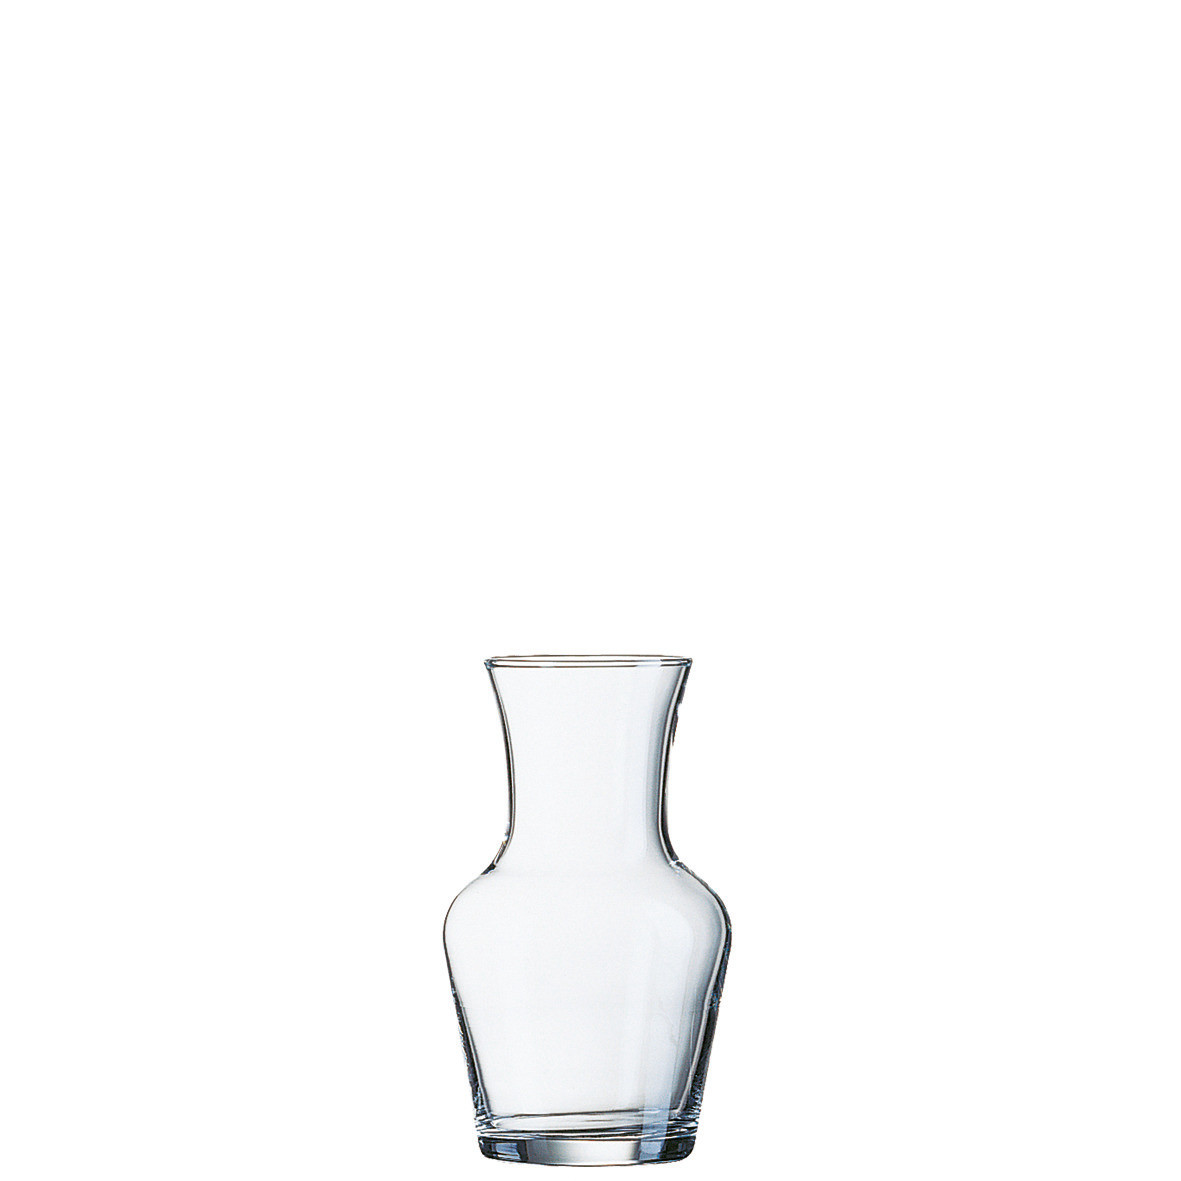 Carafon Vin, Glaskaraffe ø 72 mm / 0,31 l 0,20 /-/